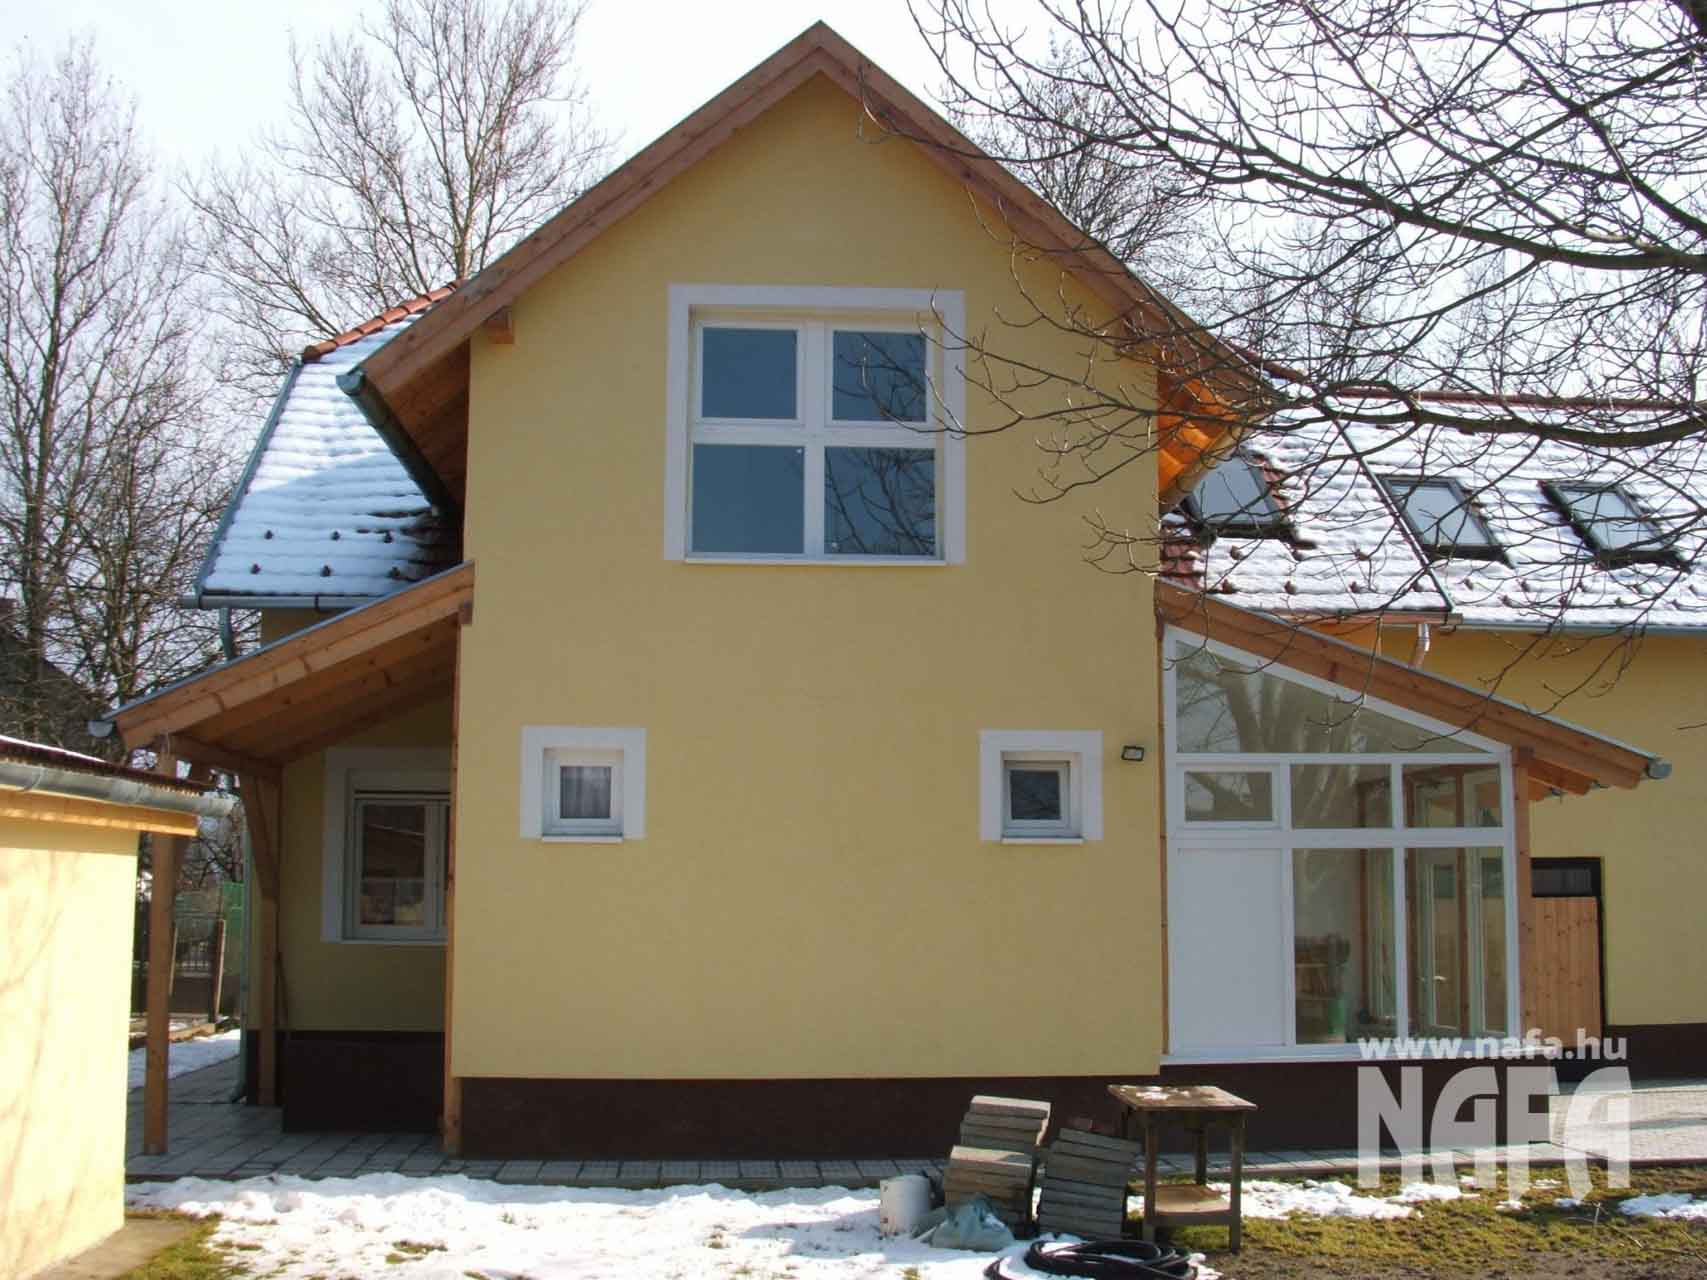 Műanyag nyílászárók, egyedi ablakok és ajtó, Kaposvár Családiház